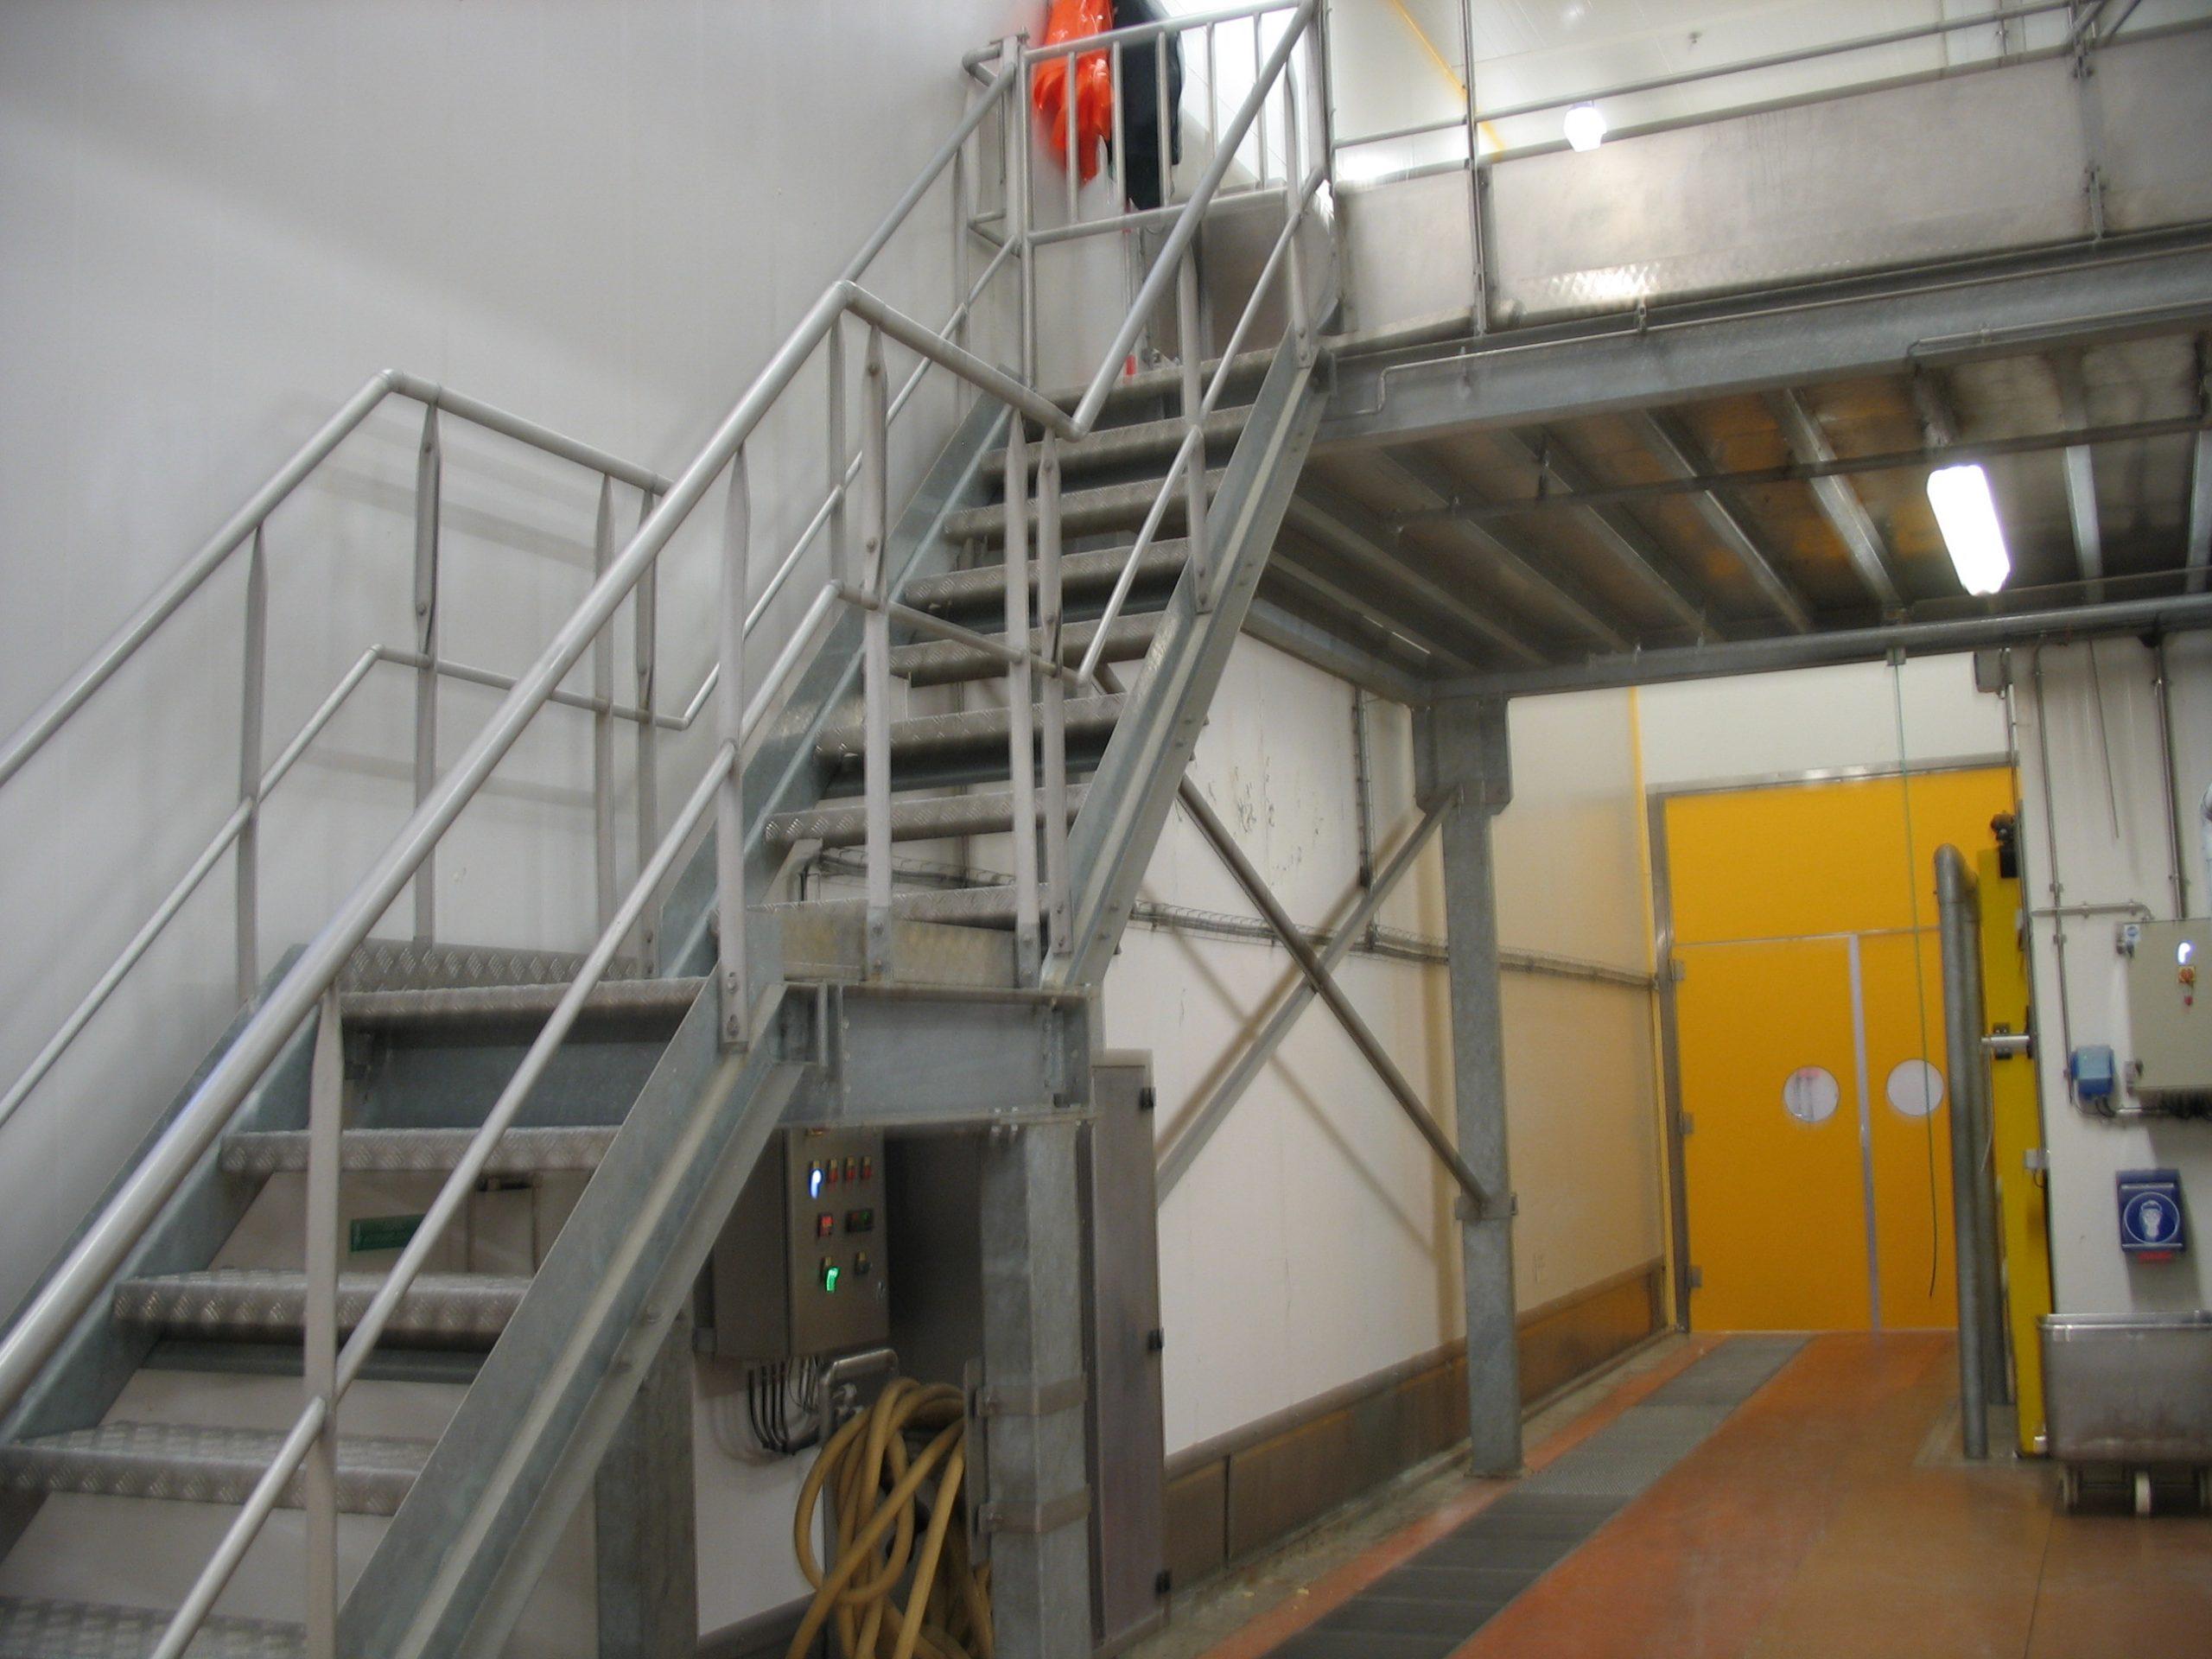 Escalier industriel en acier galvanisé